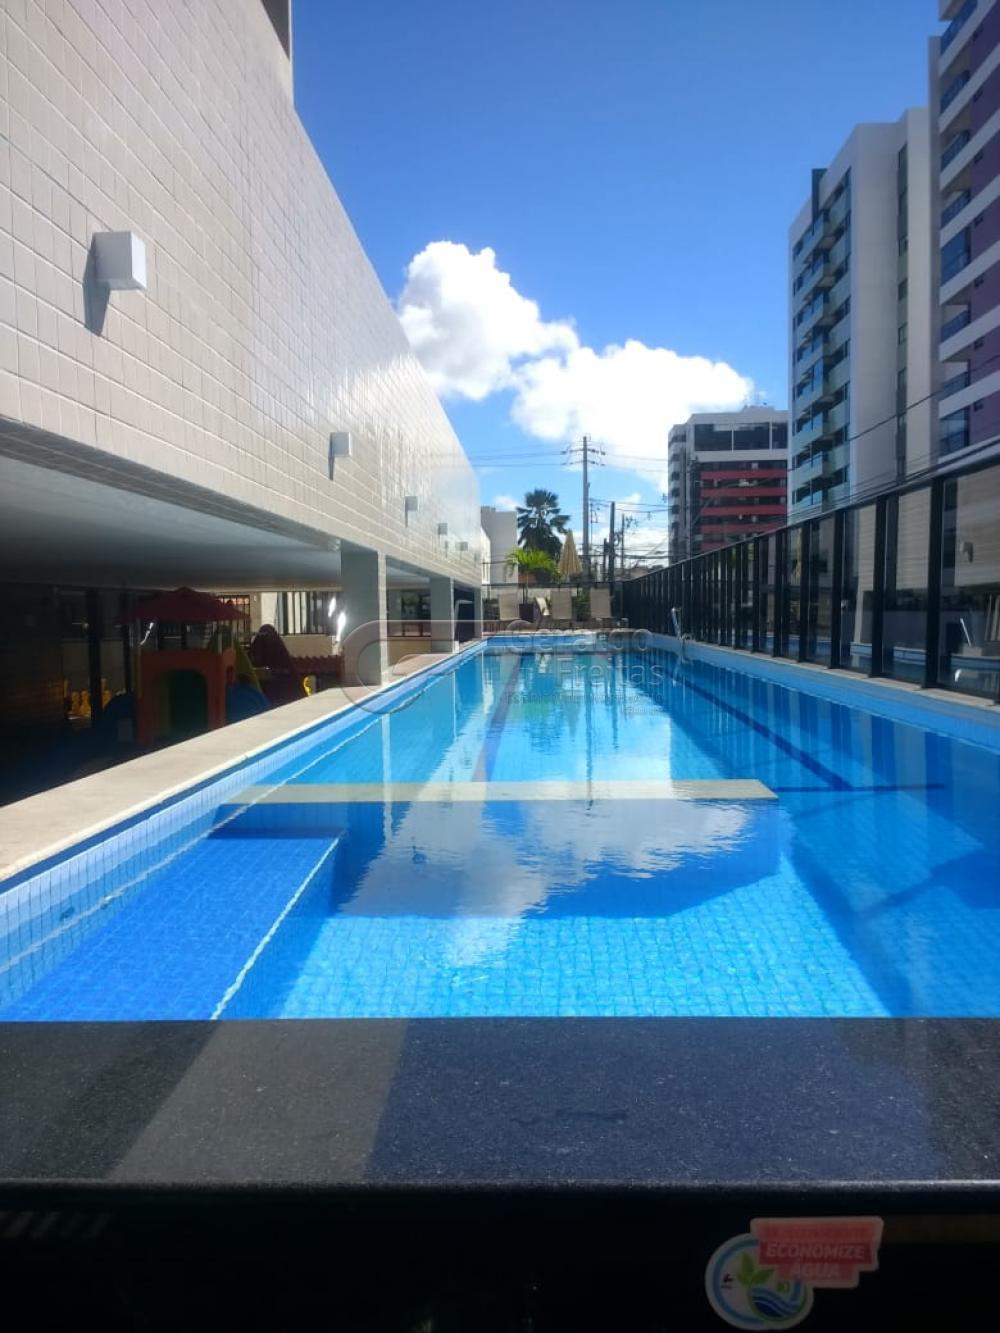 Comprar Apartamentos / Padrão em Maceió apenas R$ 770.000,00 - Foto 3